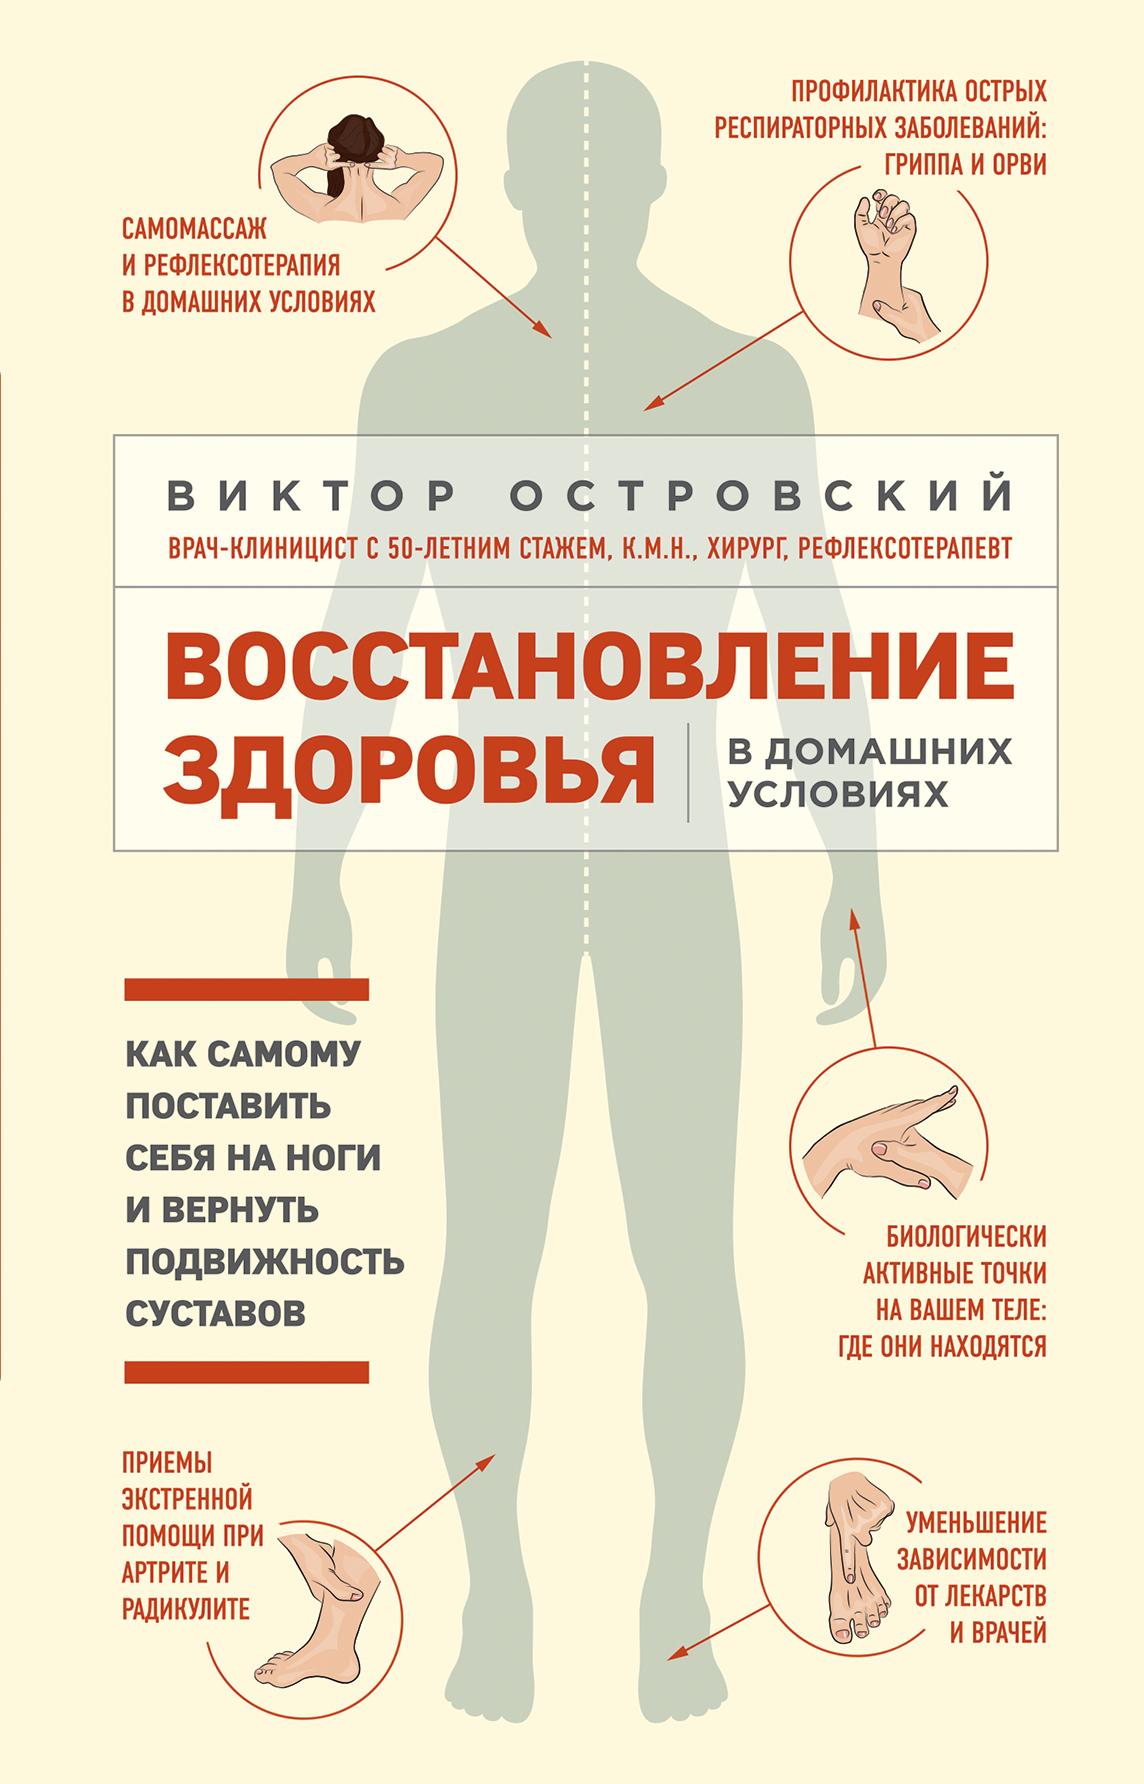 Виктор Островский «Восстановление здоровья в домашних условиях: как самому поставить себя на ноги и вернуть подвижность суставов»